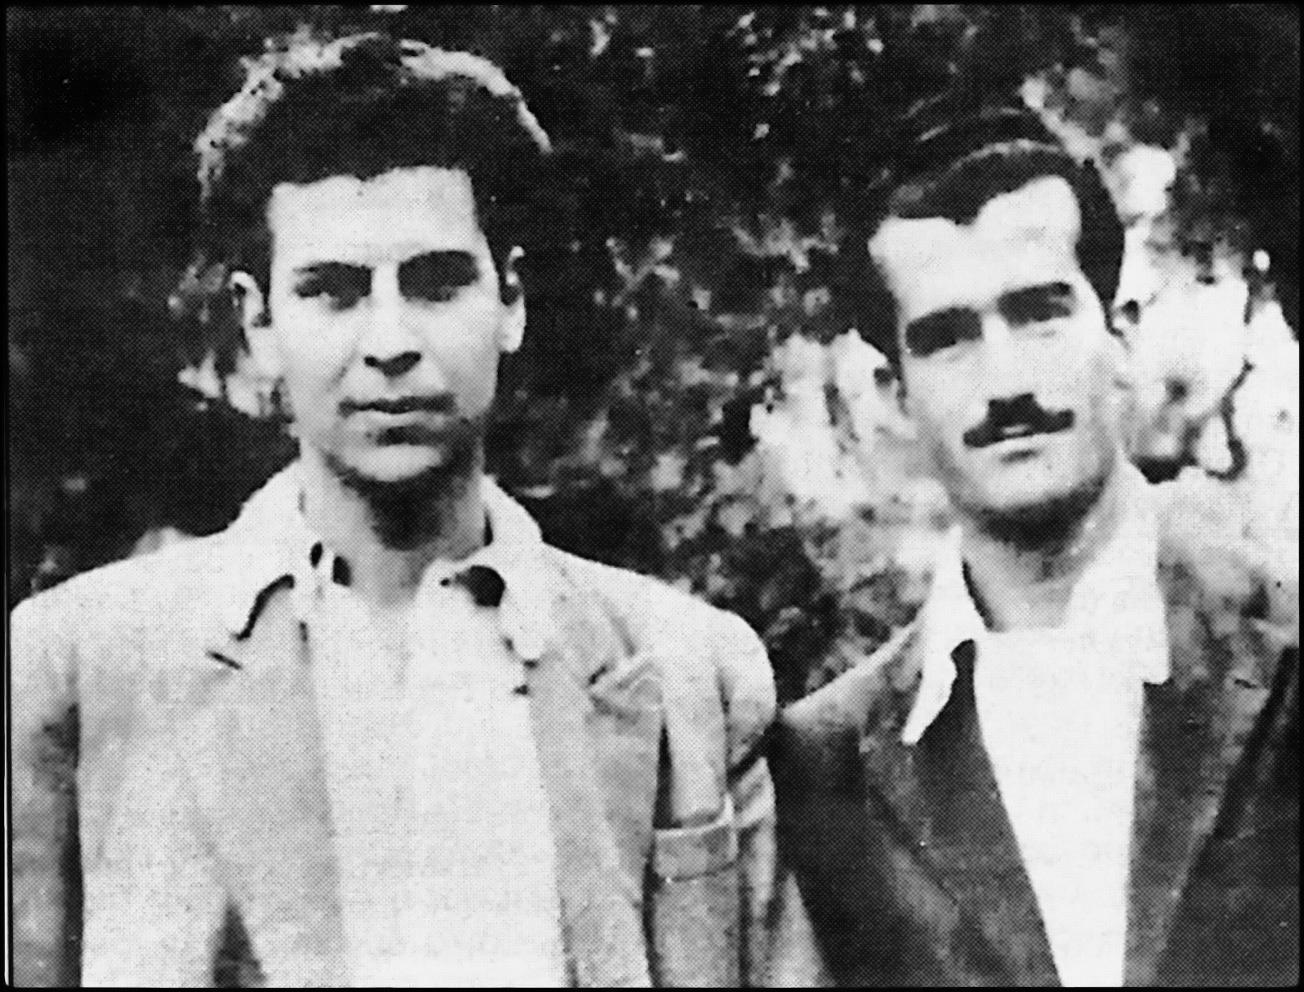 Ο Μίκης στην Ικαρία, 1947-1948